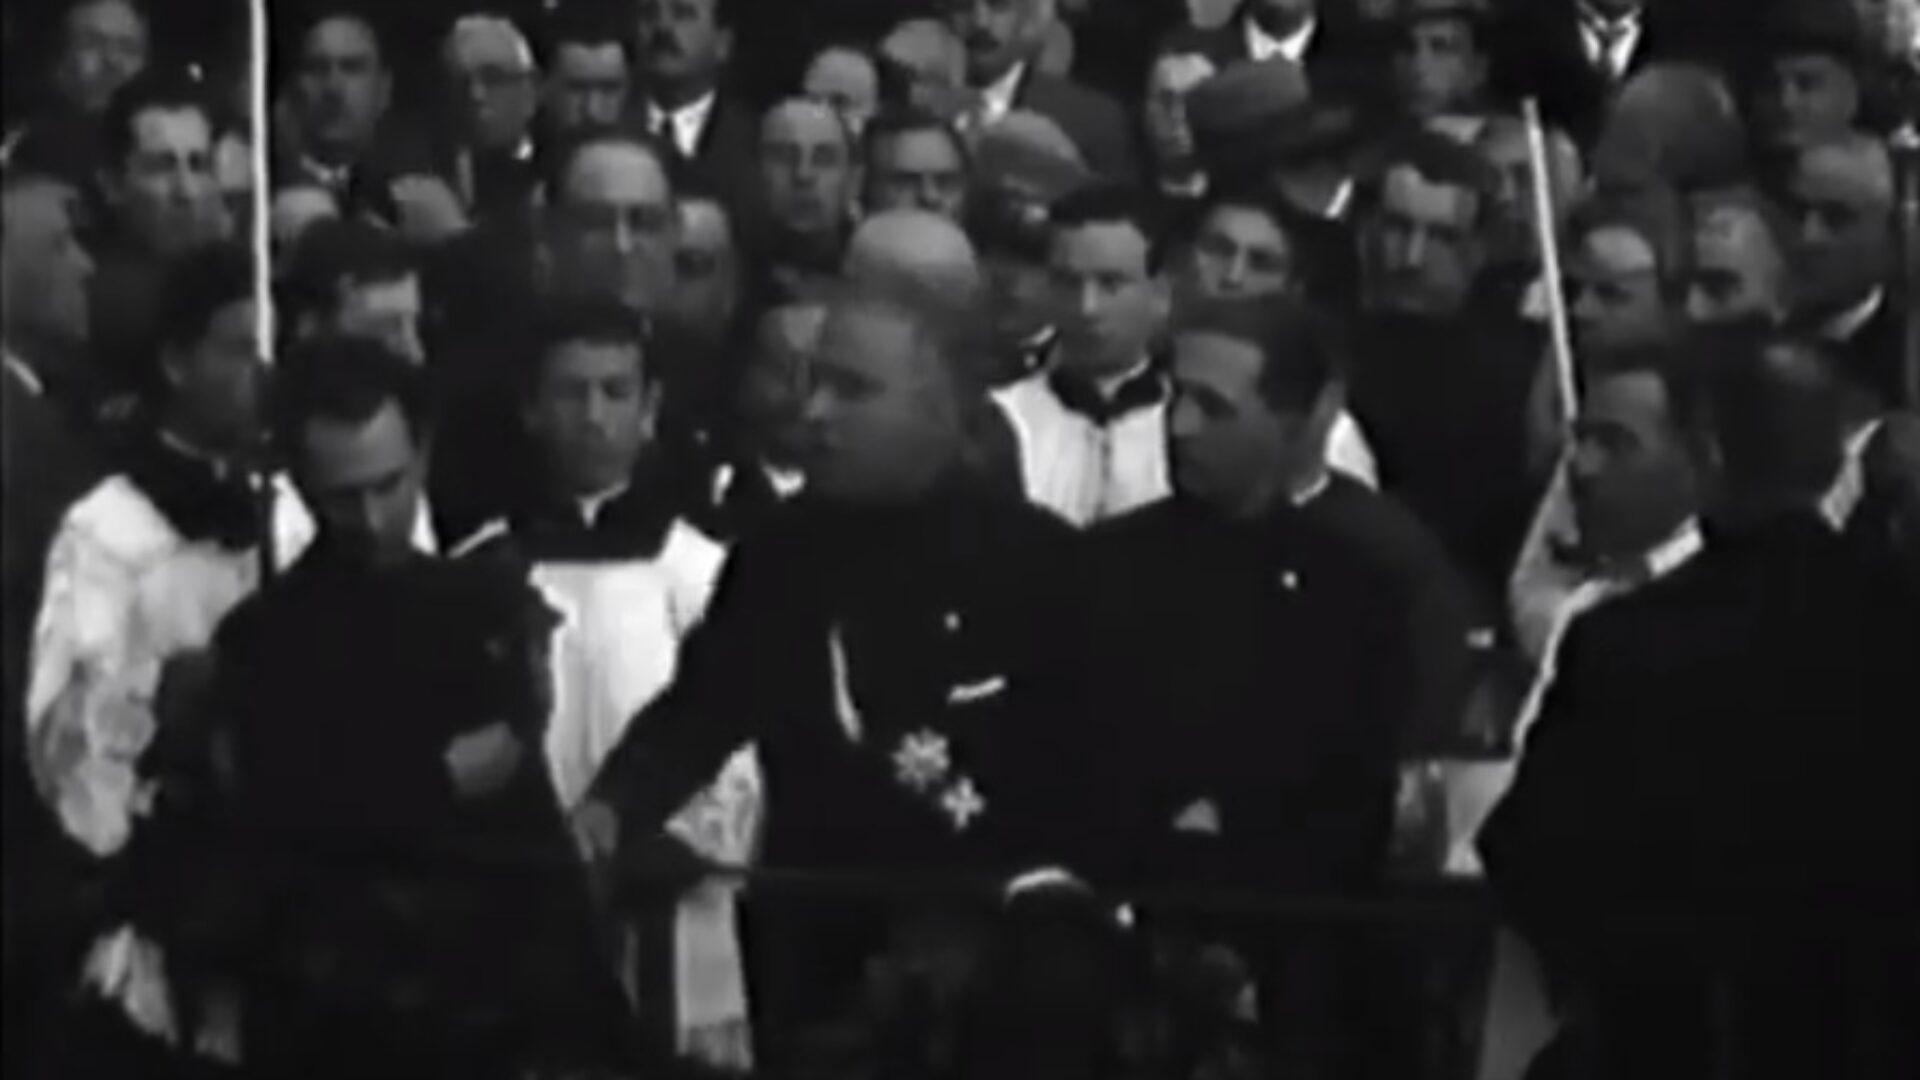 IL CONVITTO PRINCIPE DI PIEMONTE NELLE RIPRESE VIDEO DELL'ISTUTUTO LUCE